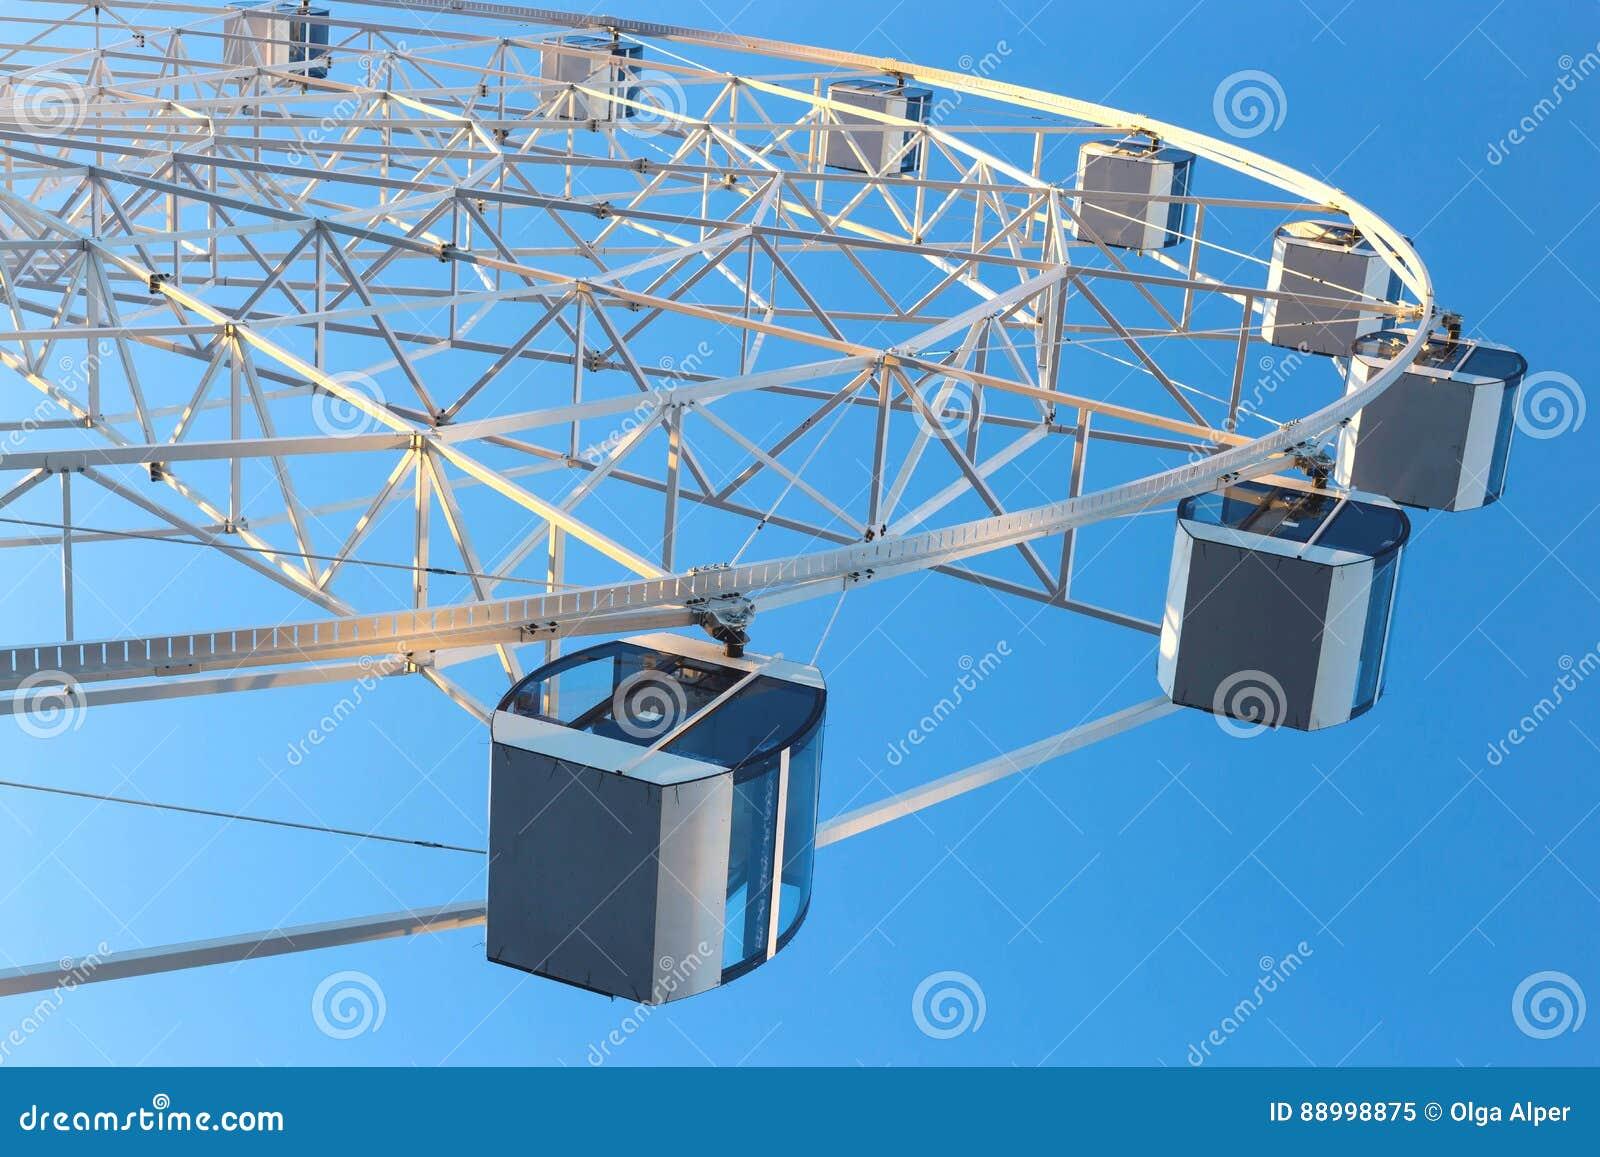 Ferris Wheel mot bakgrund för blå himmel